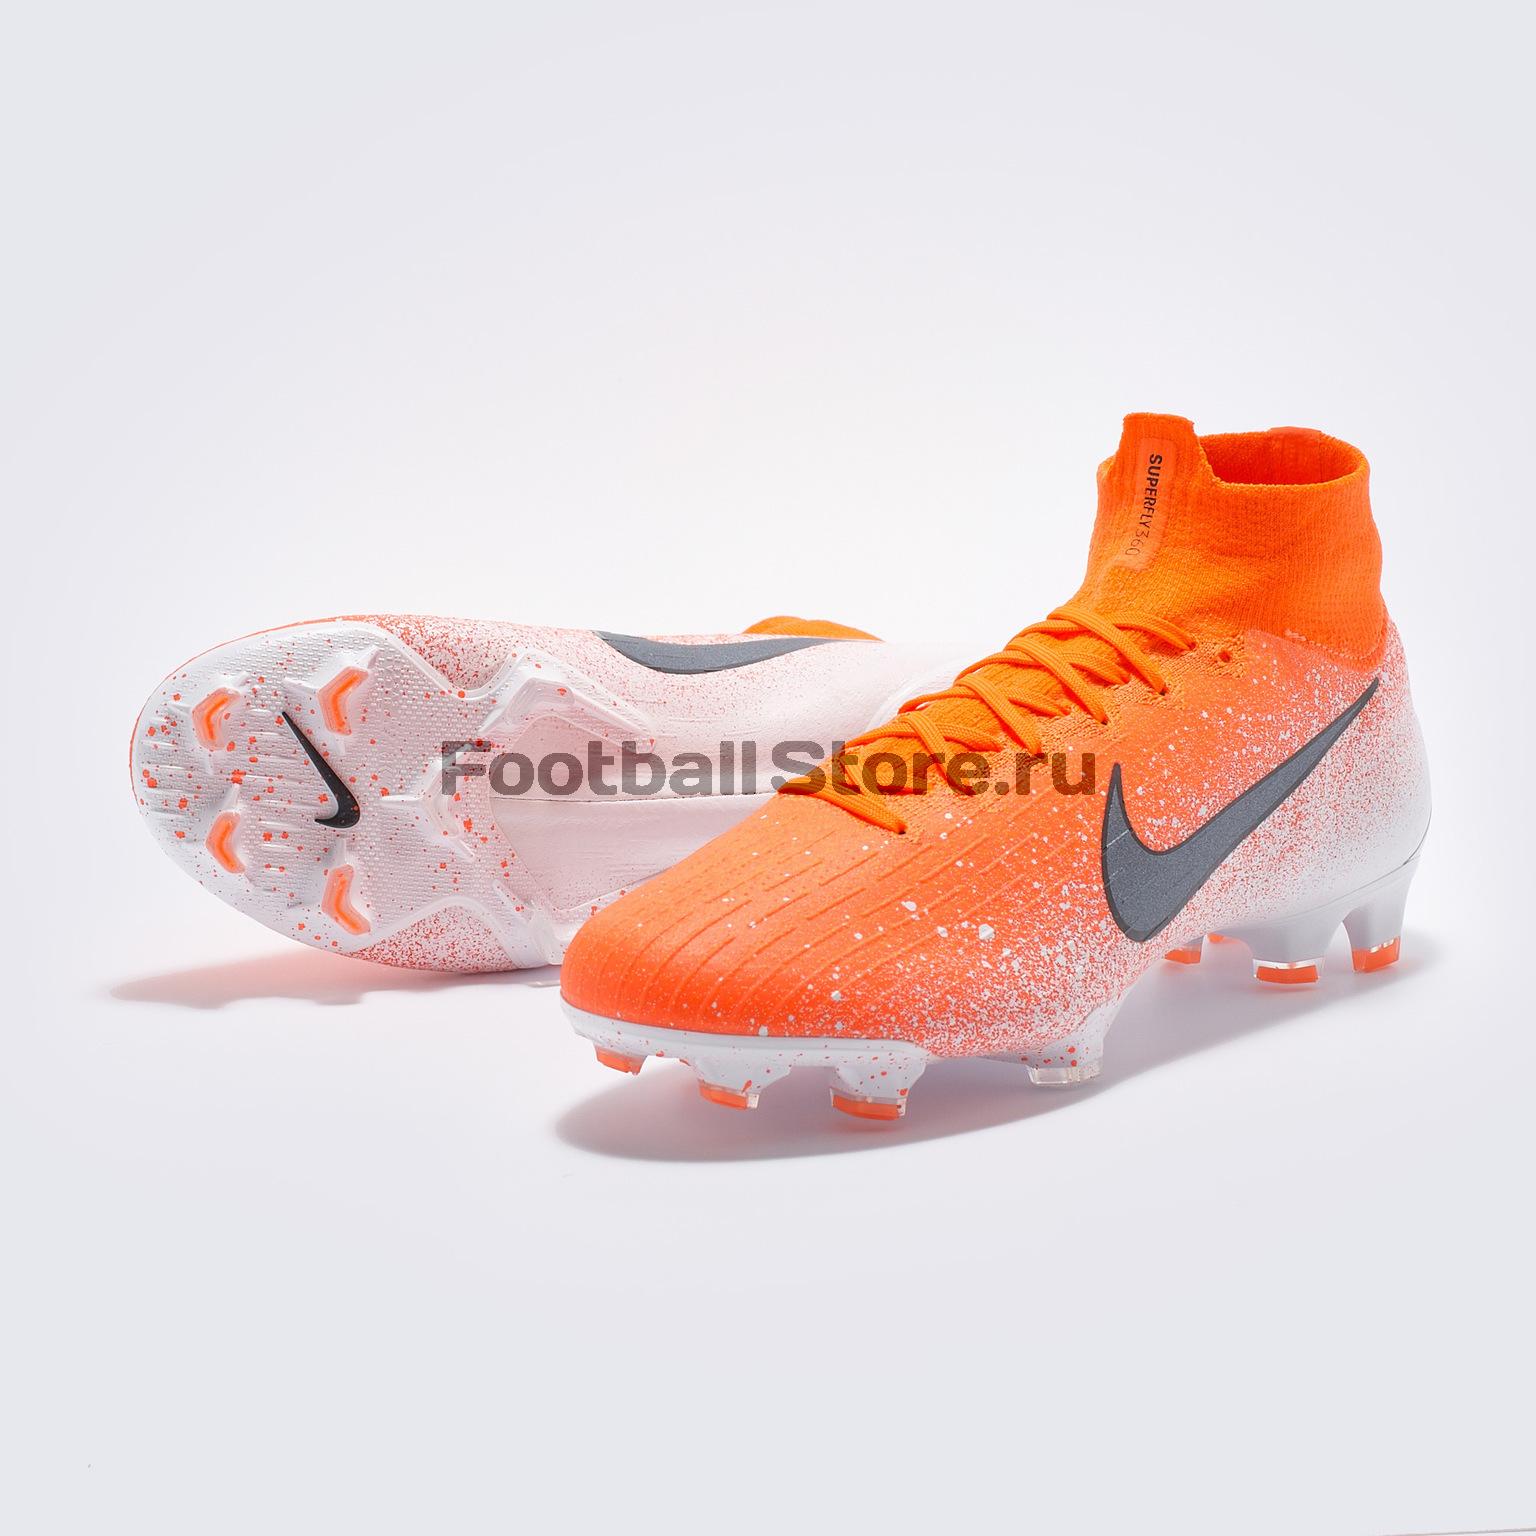 0435ad56 Бутсы Nike Superfly 6 Elite FG AH7365-801 – купить бутсы в интернет  магазине Footballstore, цена, фото, отзывы